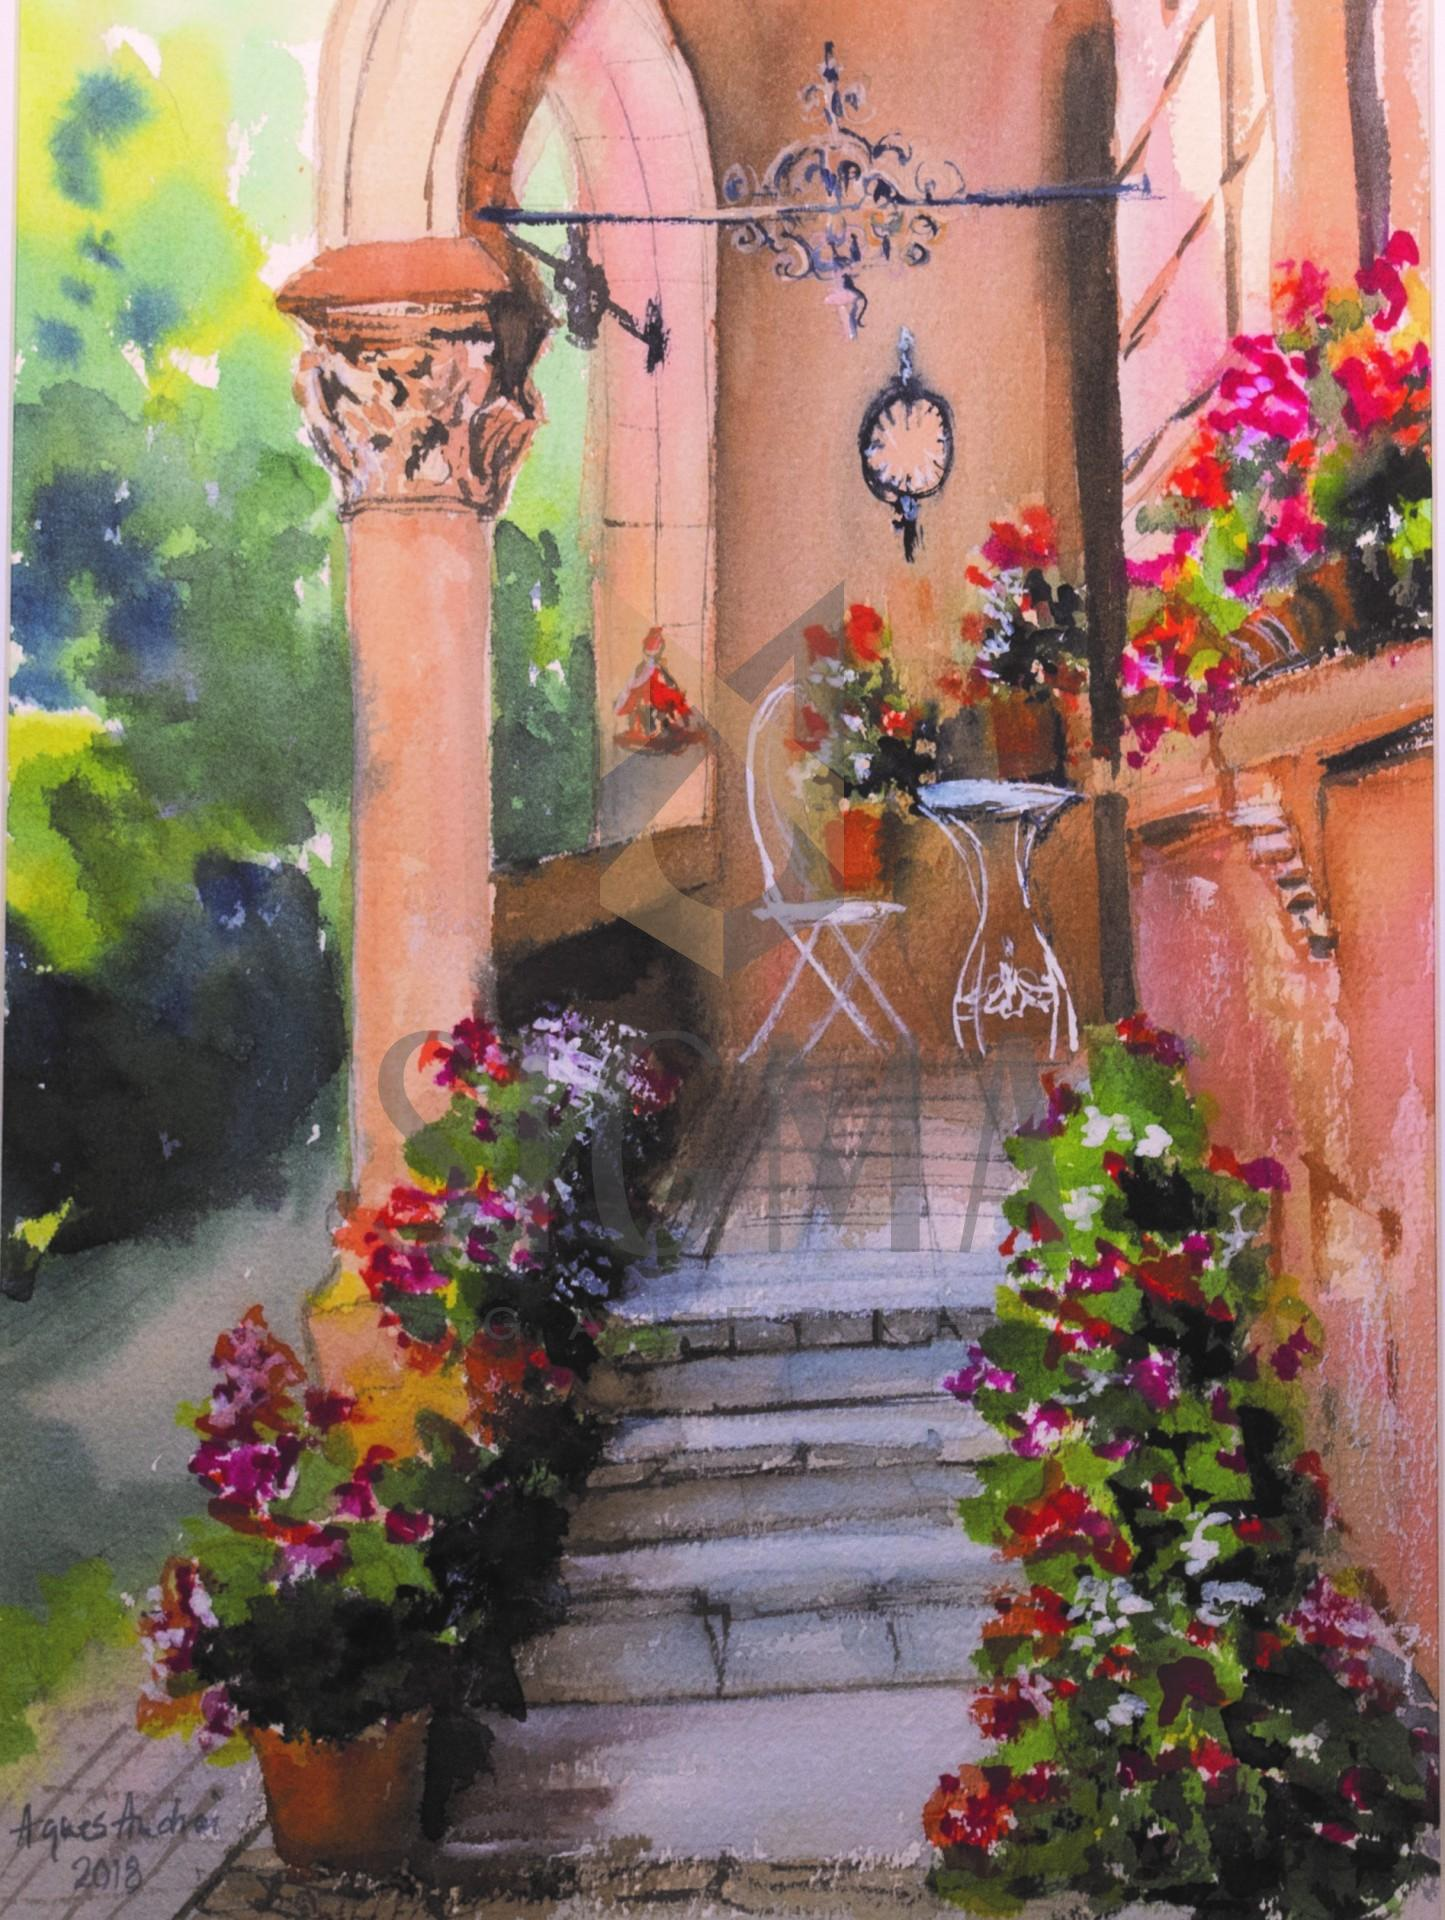 Tablou, Agnes Andrei, - Casa cu flori Strada Sperantei - acuarela, dim: 26x36 cm,